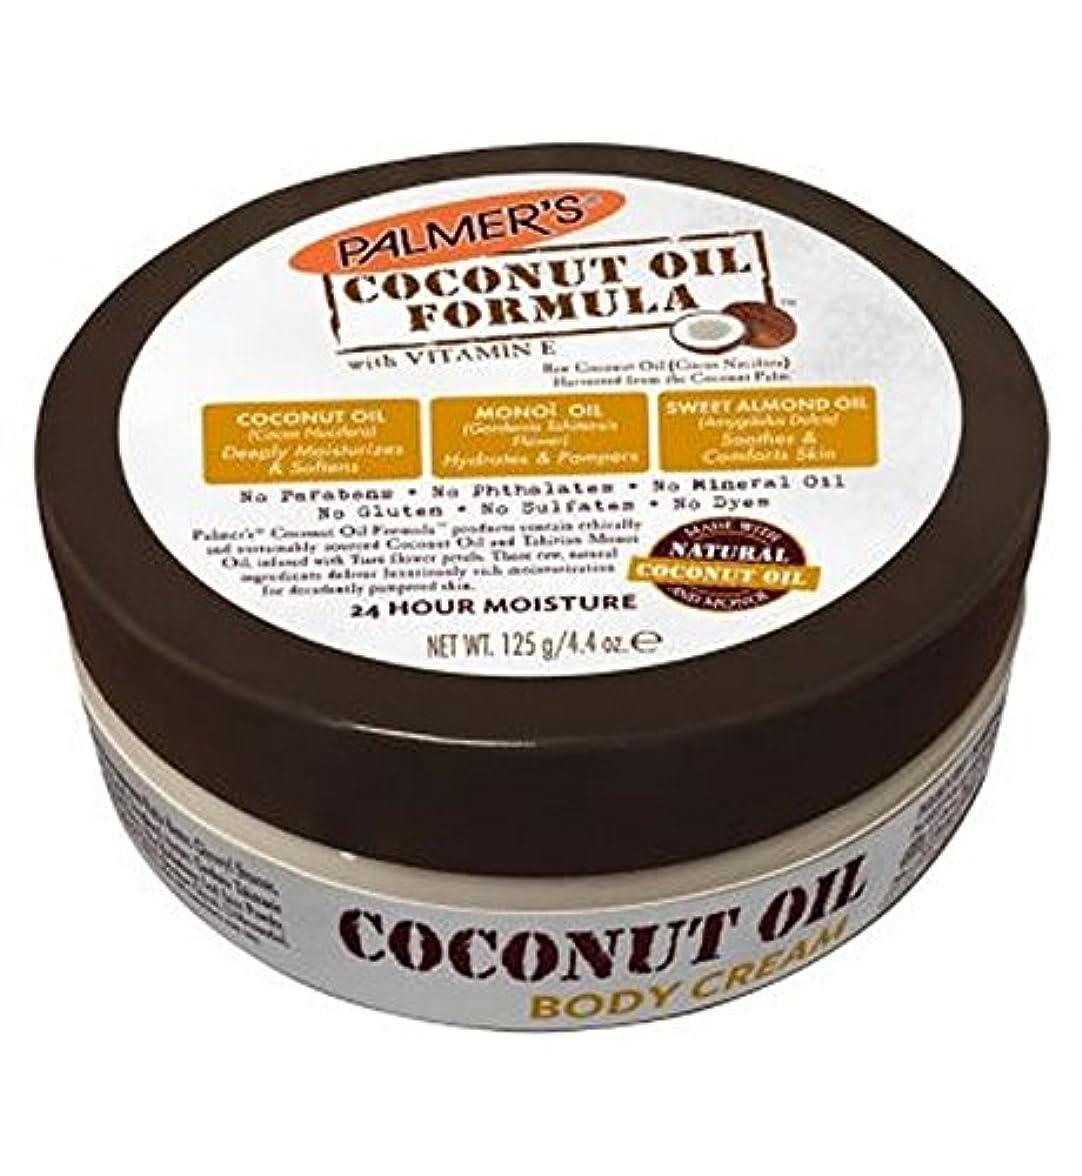 ソーシャル検出器眠りパーマーのヤシ油式ボディクリーム125グラム (Palmer's) (x2) - Palmer's Coconut Oil Formula Body Cream 125g (Pack of 2) [並行輸入品]